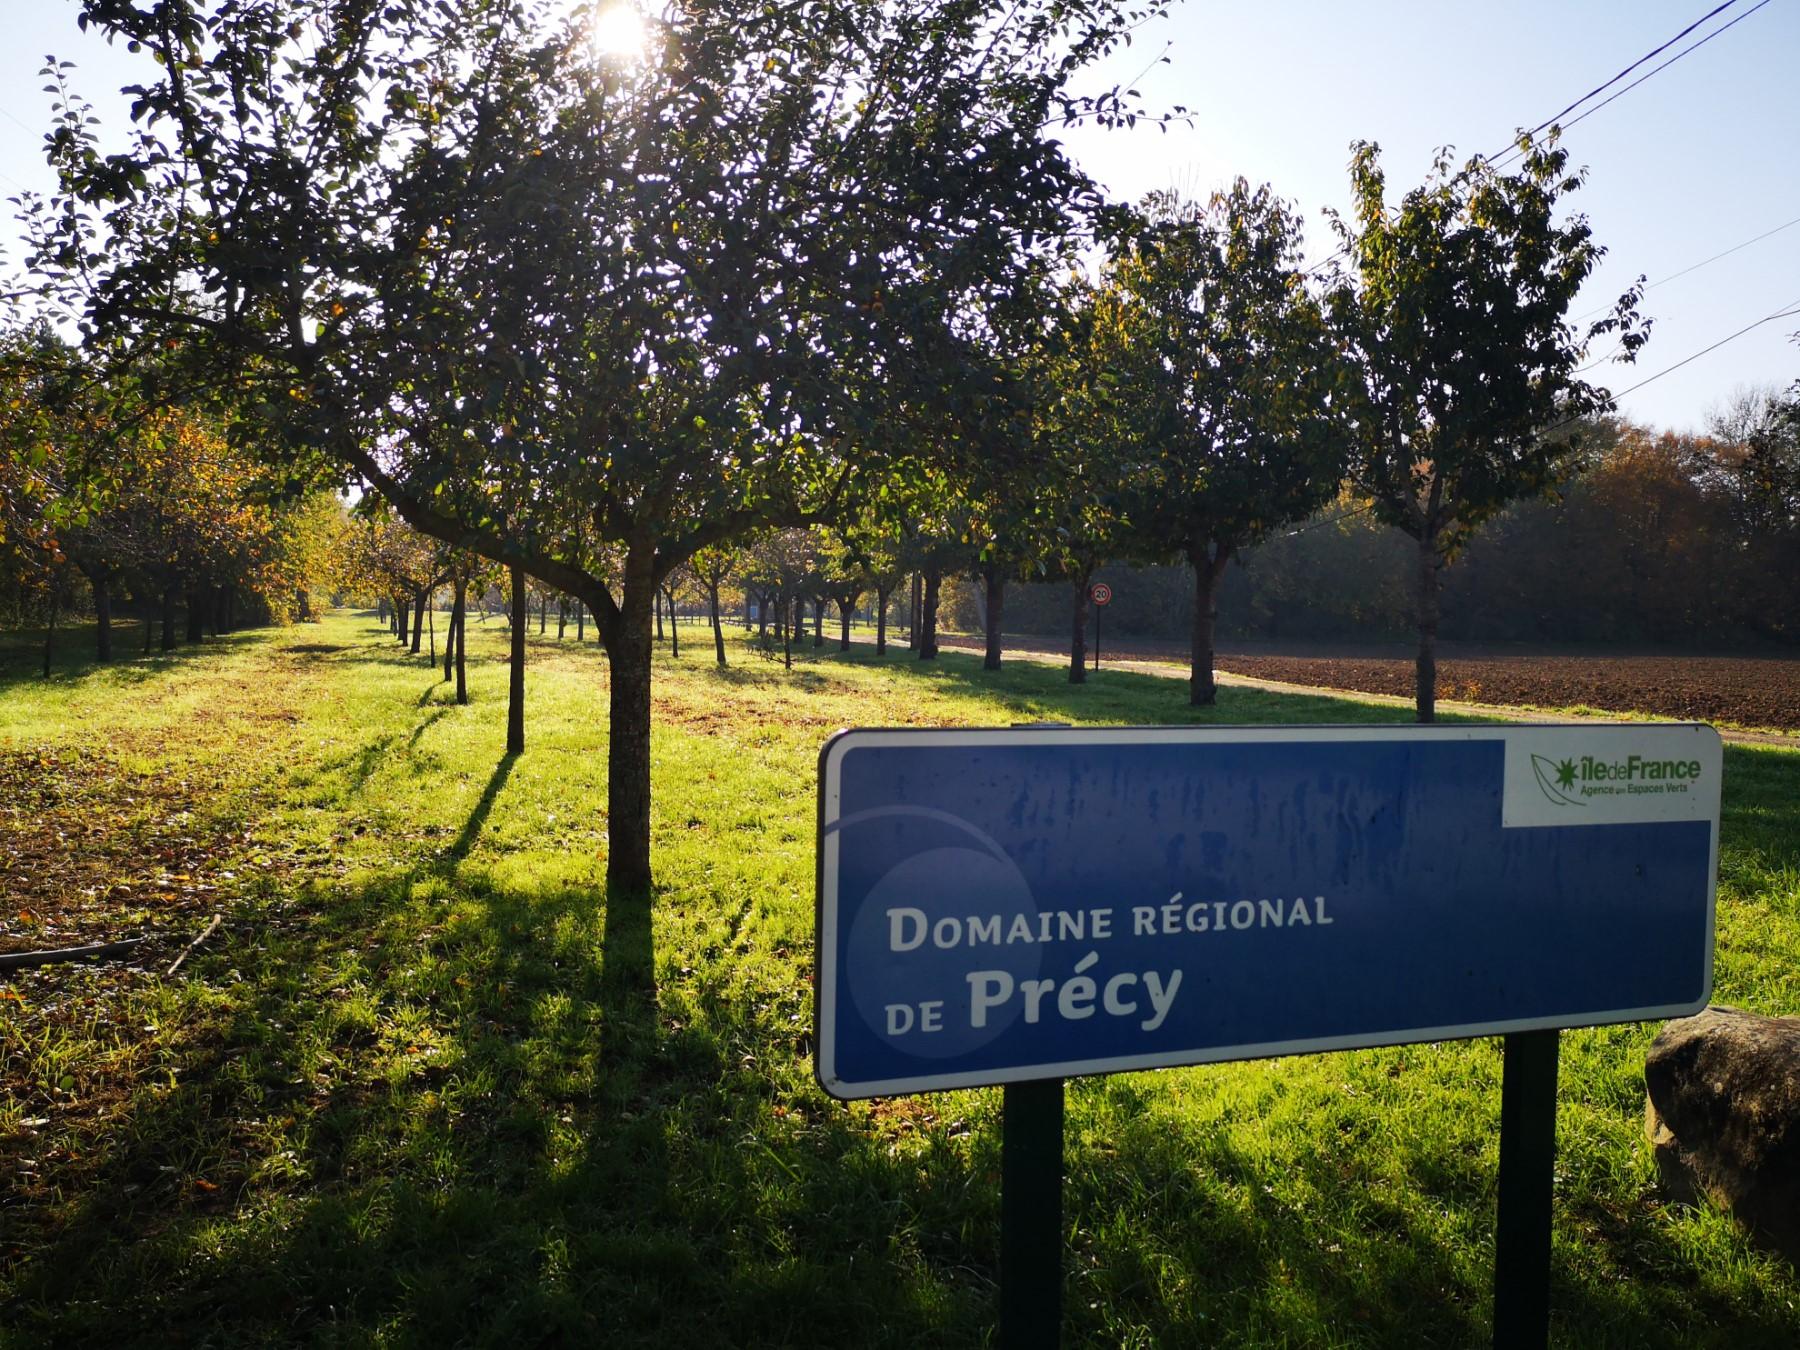 Le domaine régional de Précy